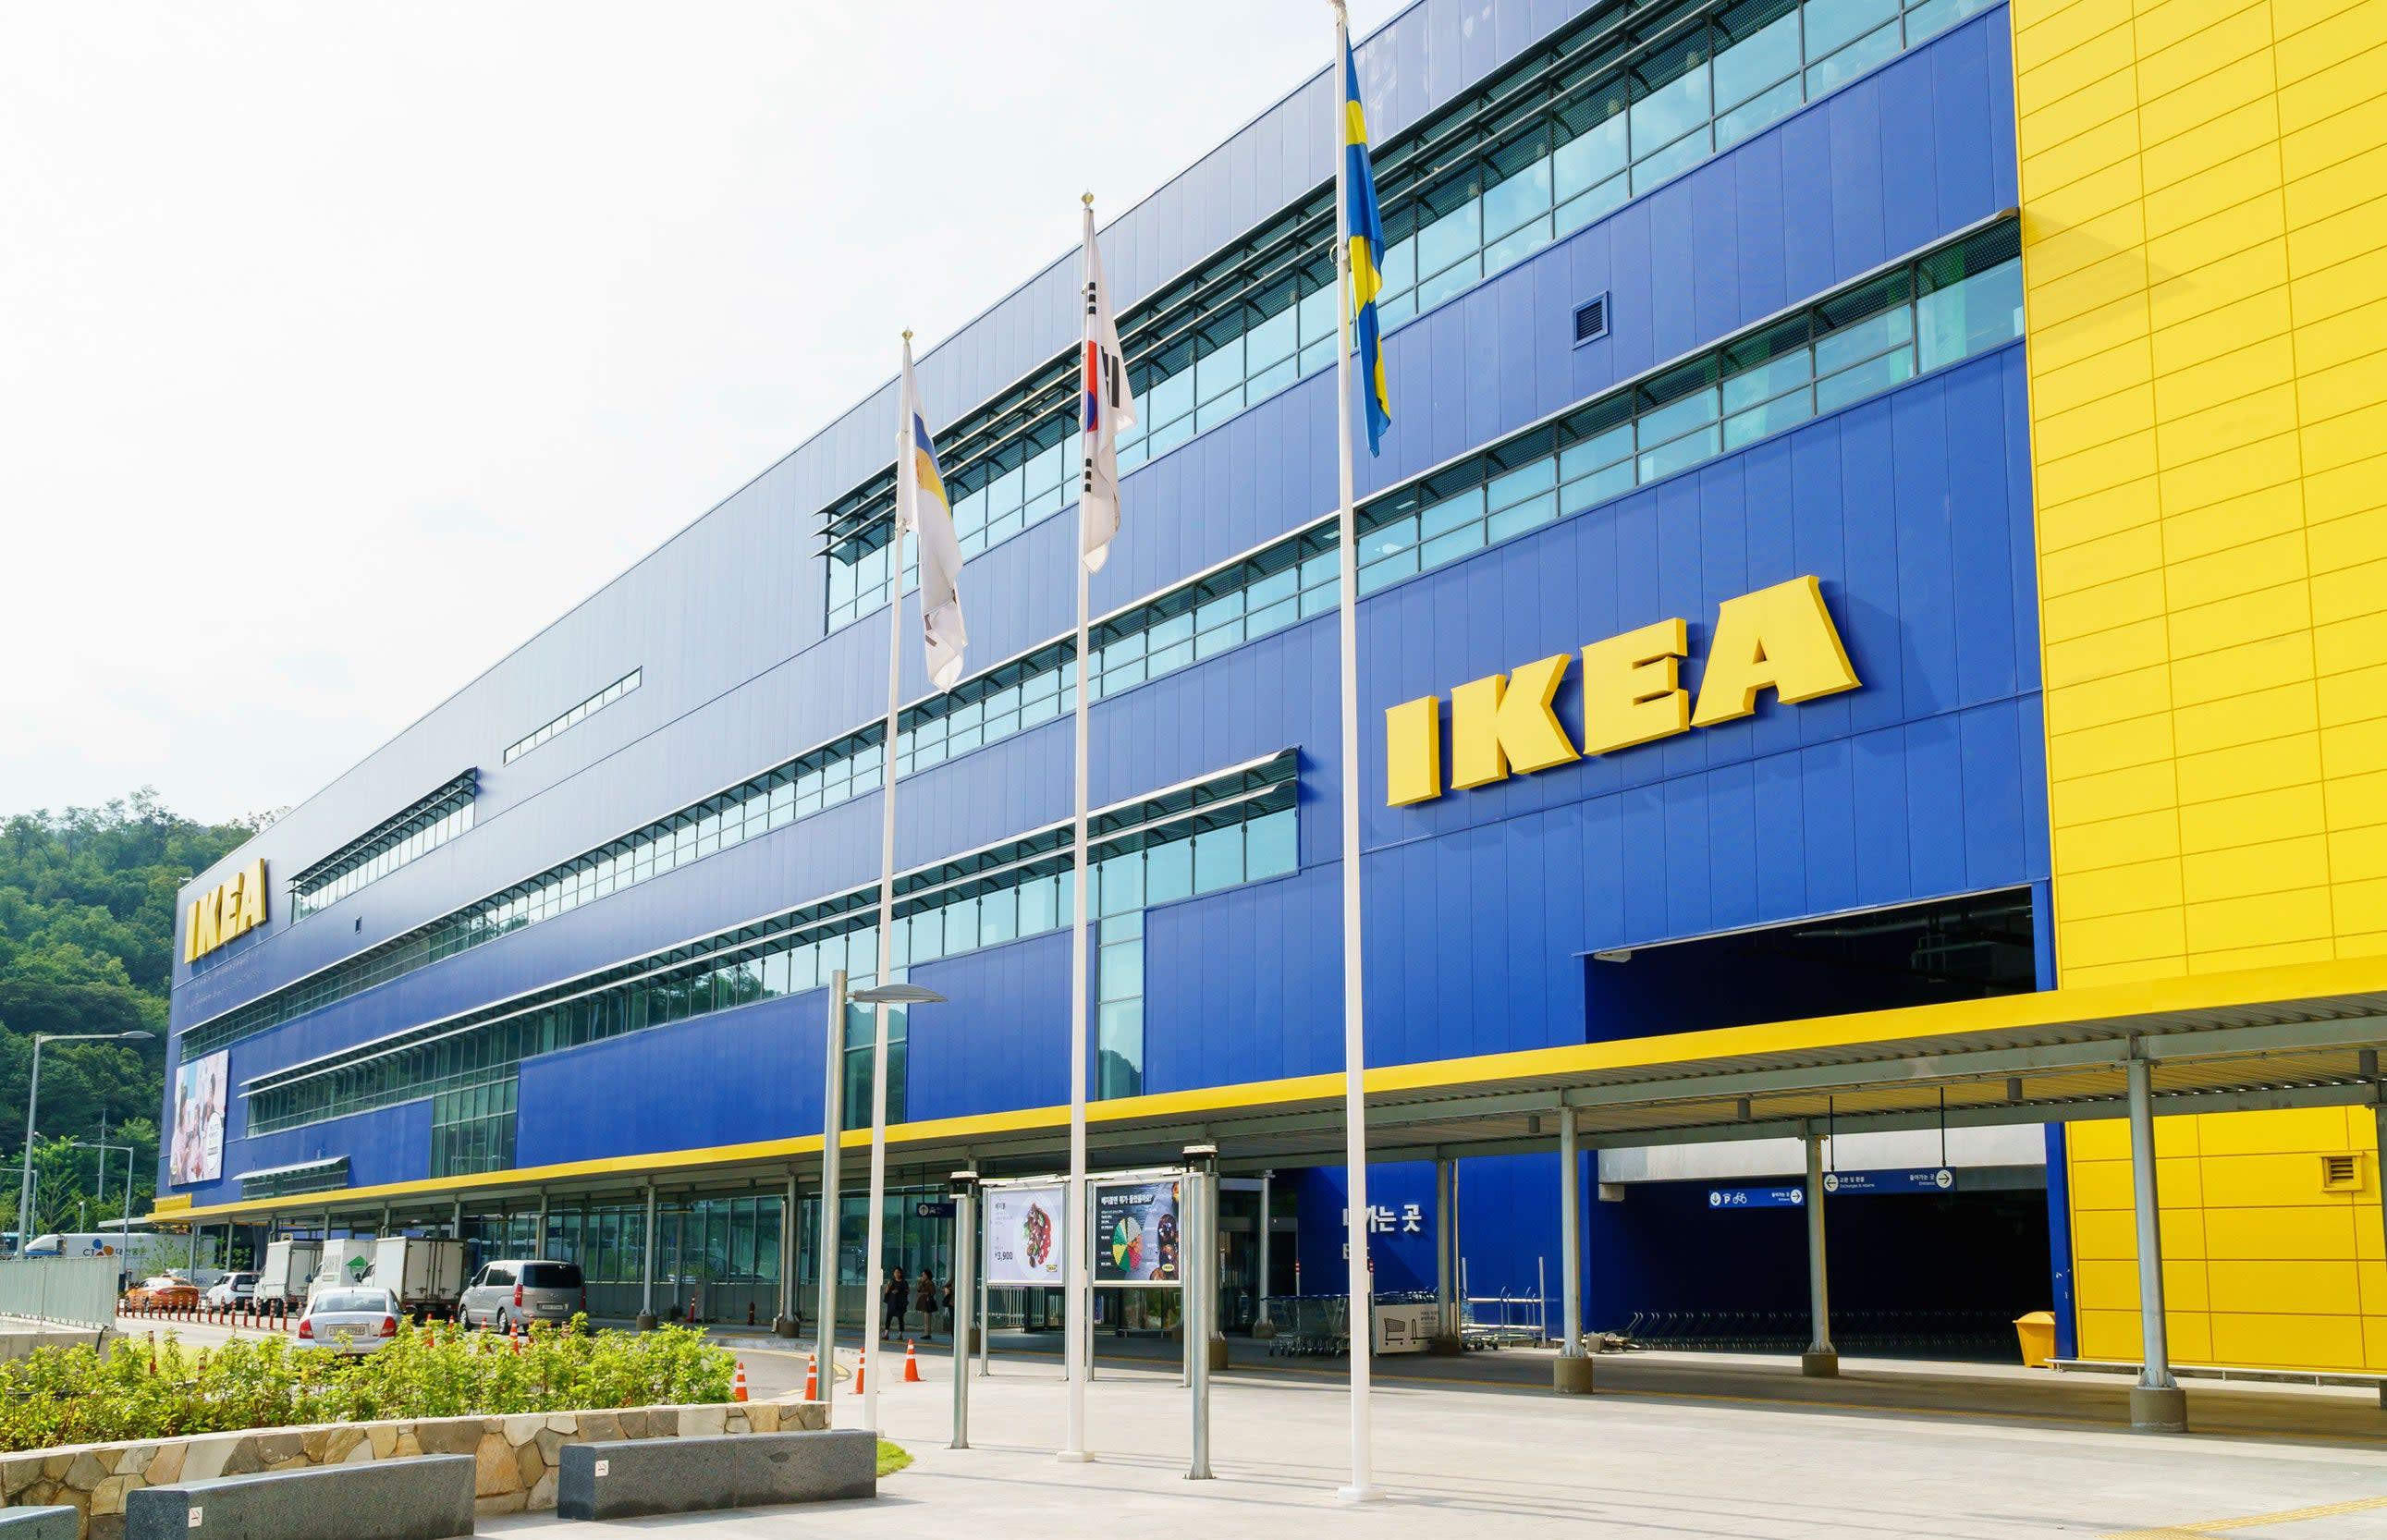 how to order ikea online best ikea furniture. Black Bedroom Furniture Sets. Home Design Ideas